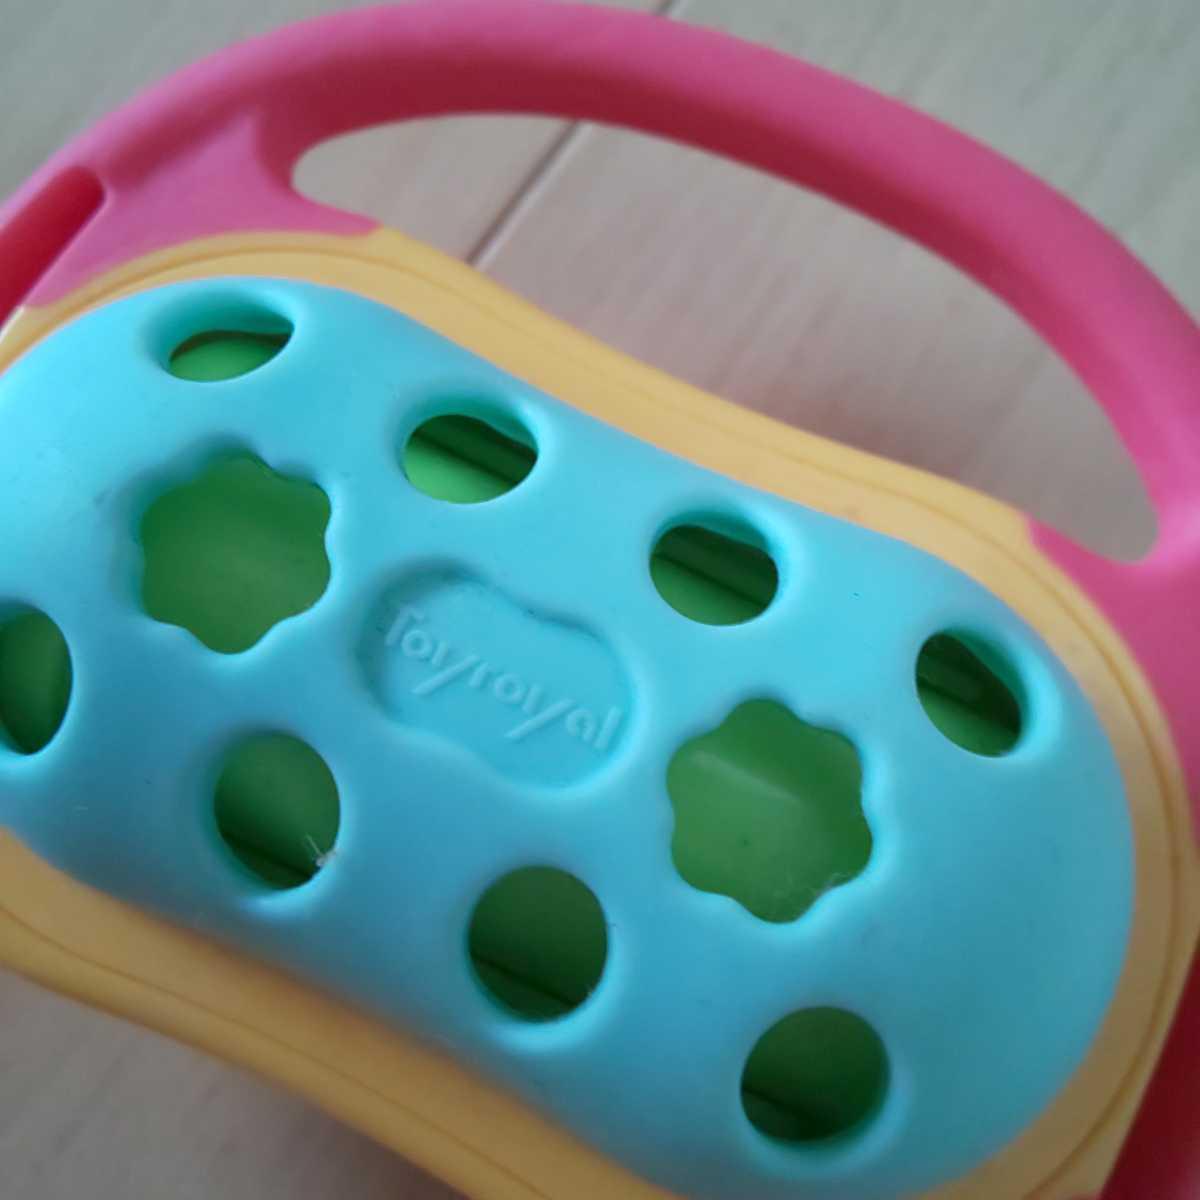 1円スタート! ガラガラ ベビーグッズ 赤ちゃんグッズ 赤ちゃんのおもちゃ 音のなるおもちゃ グッズ akichan7777jp_画像3